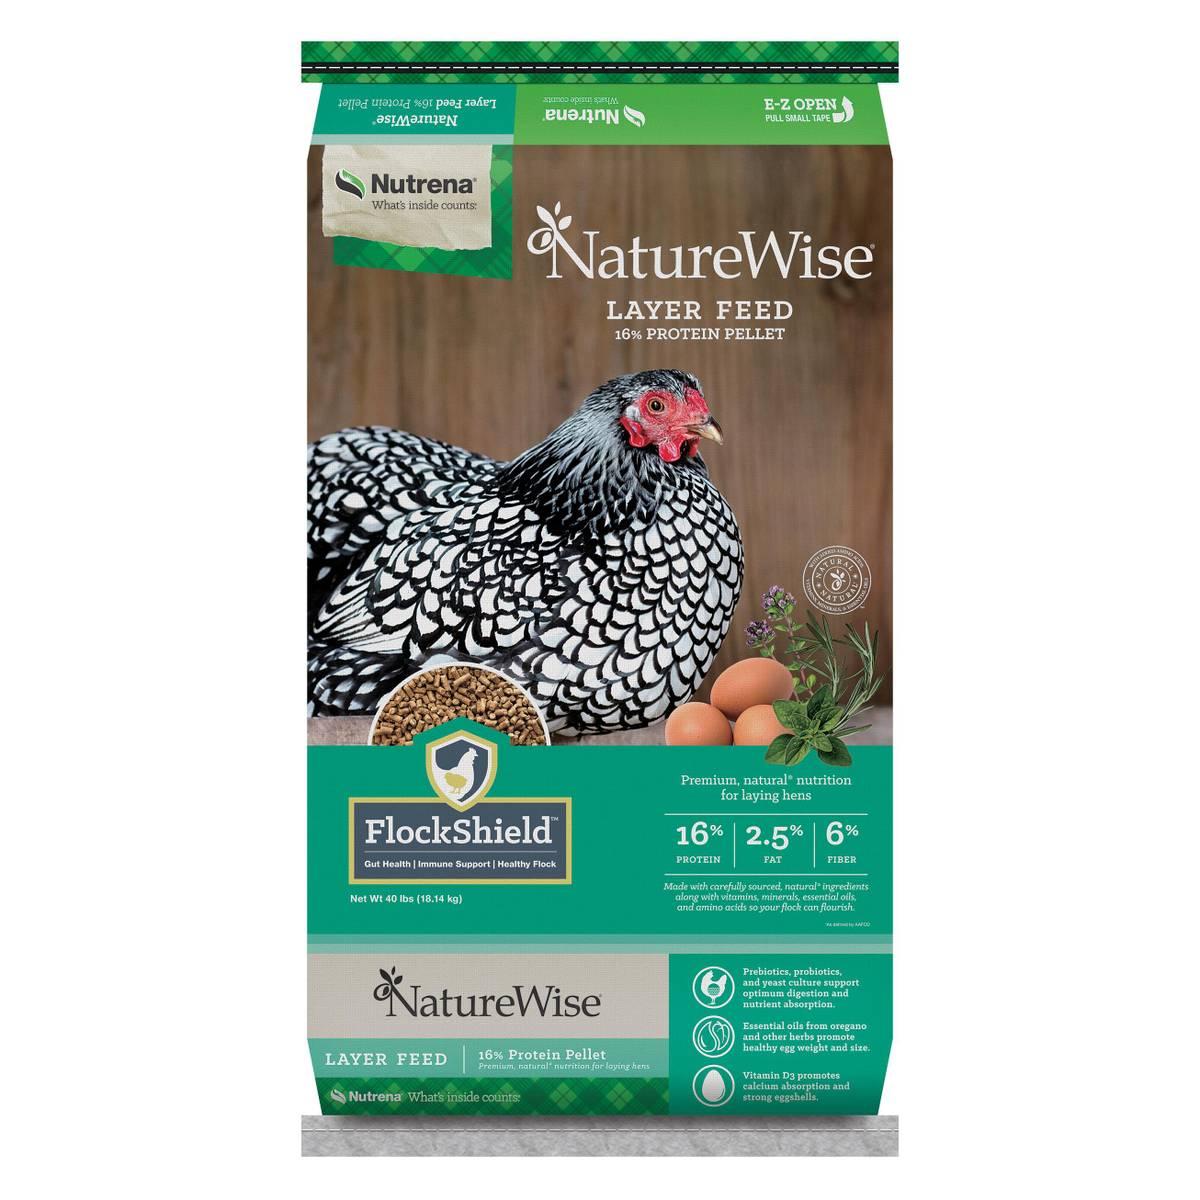 nutrena naturewise layer 16 pellet chicken feed